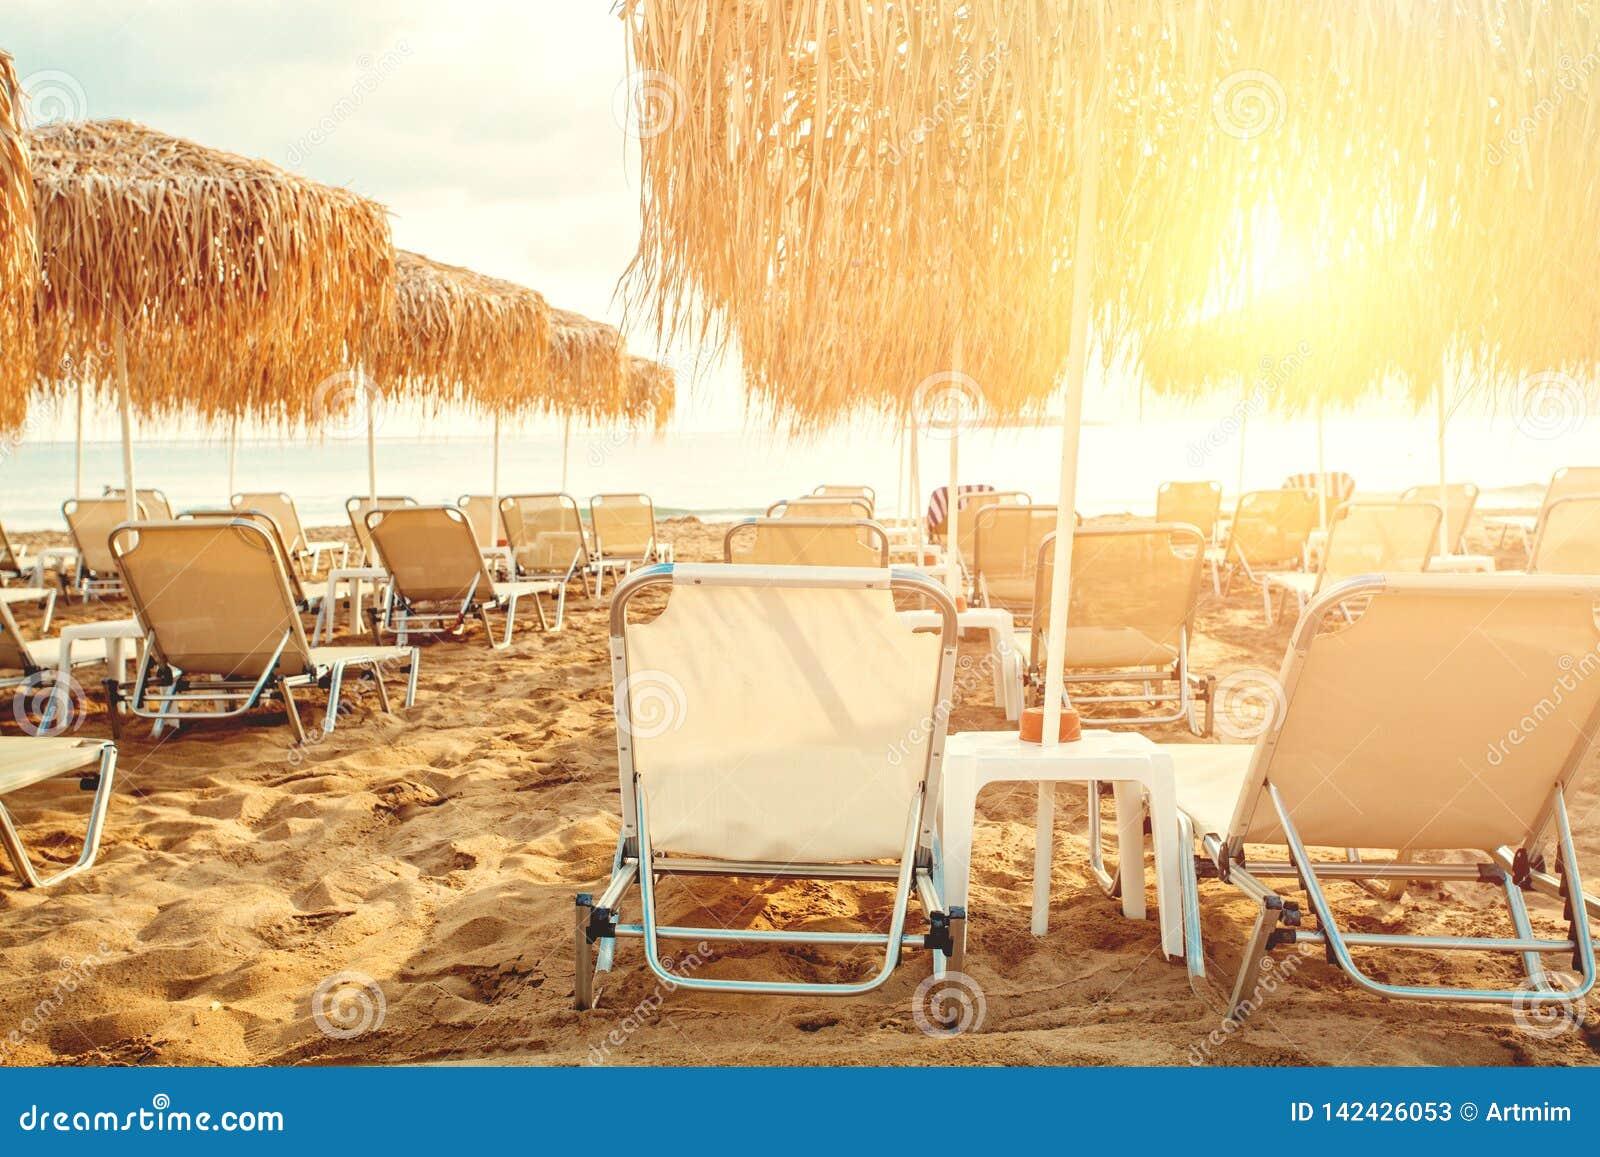 Ομπρέλες και sunbeds στο υπόβαθρο γραμμών παραλιών Διακοπές στην ωκεάνια παραλία, έννοια καλοκαιρινών διακοπών